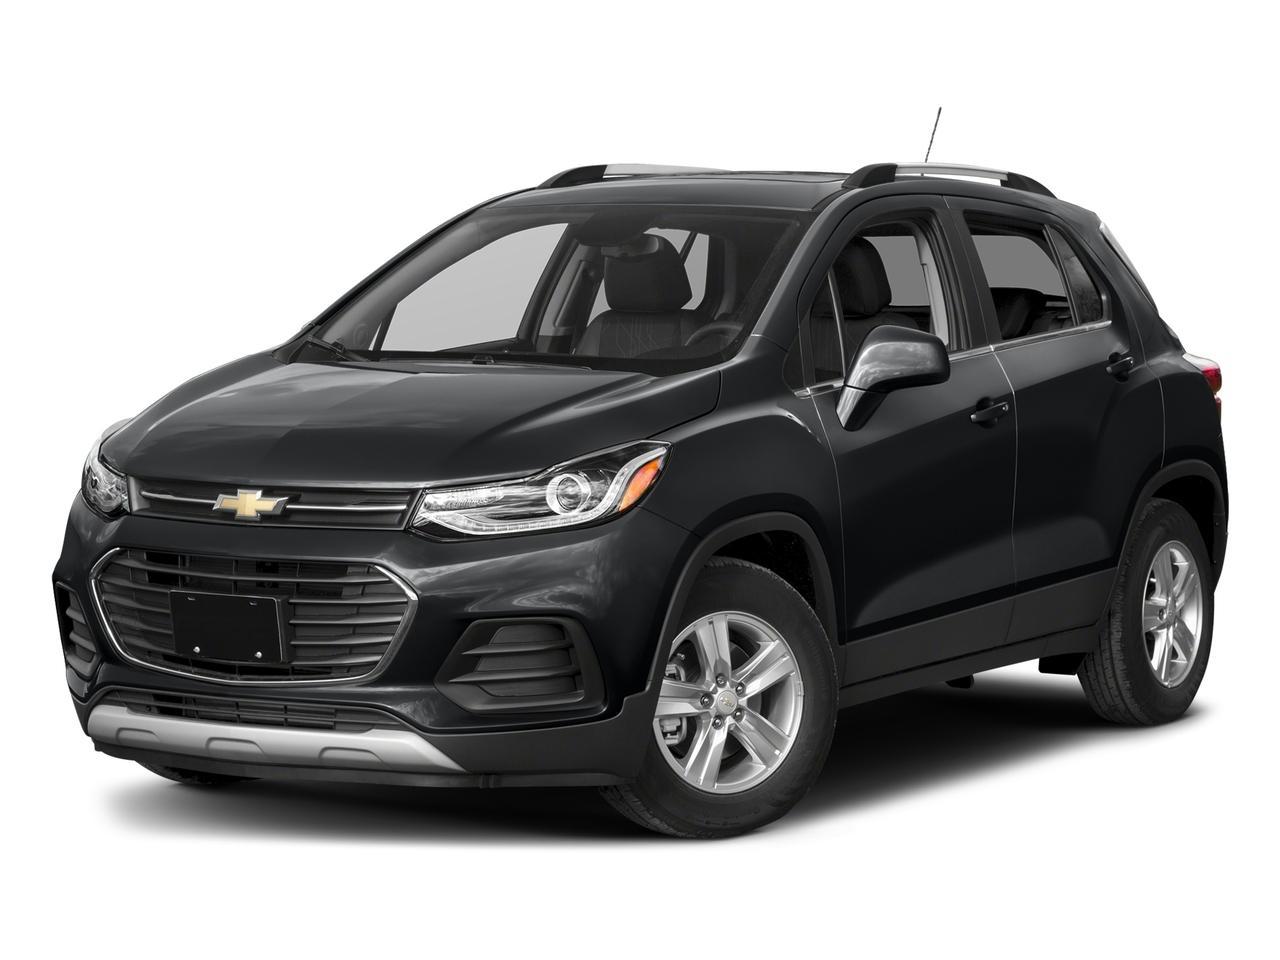 2018 Chevrolet Trax Vehicle Photo in MEDINA, OH 44256-9631